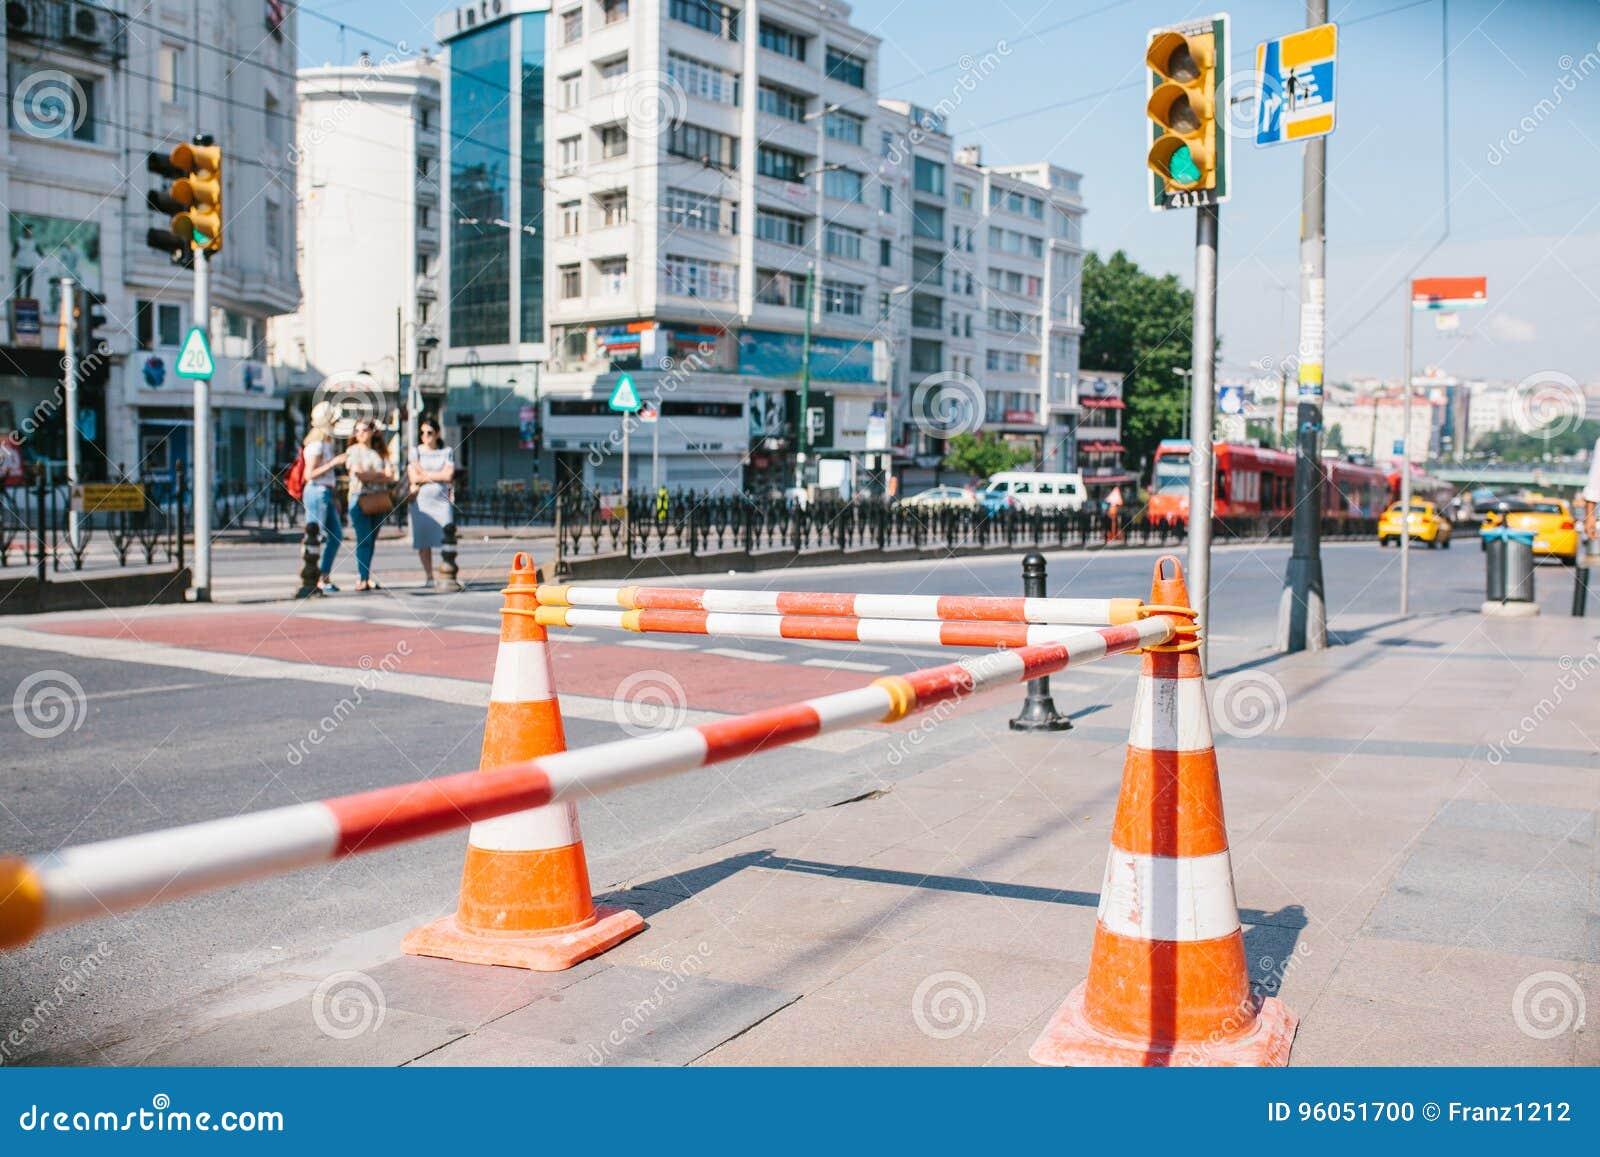 Cône de route sur la route Signe de route Courses sur route sur les rues d Istanbul en Turquie signe Circulation routière